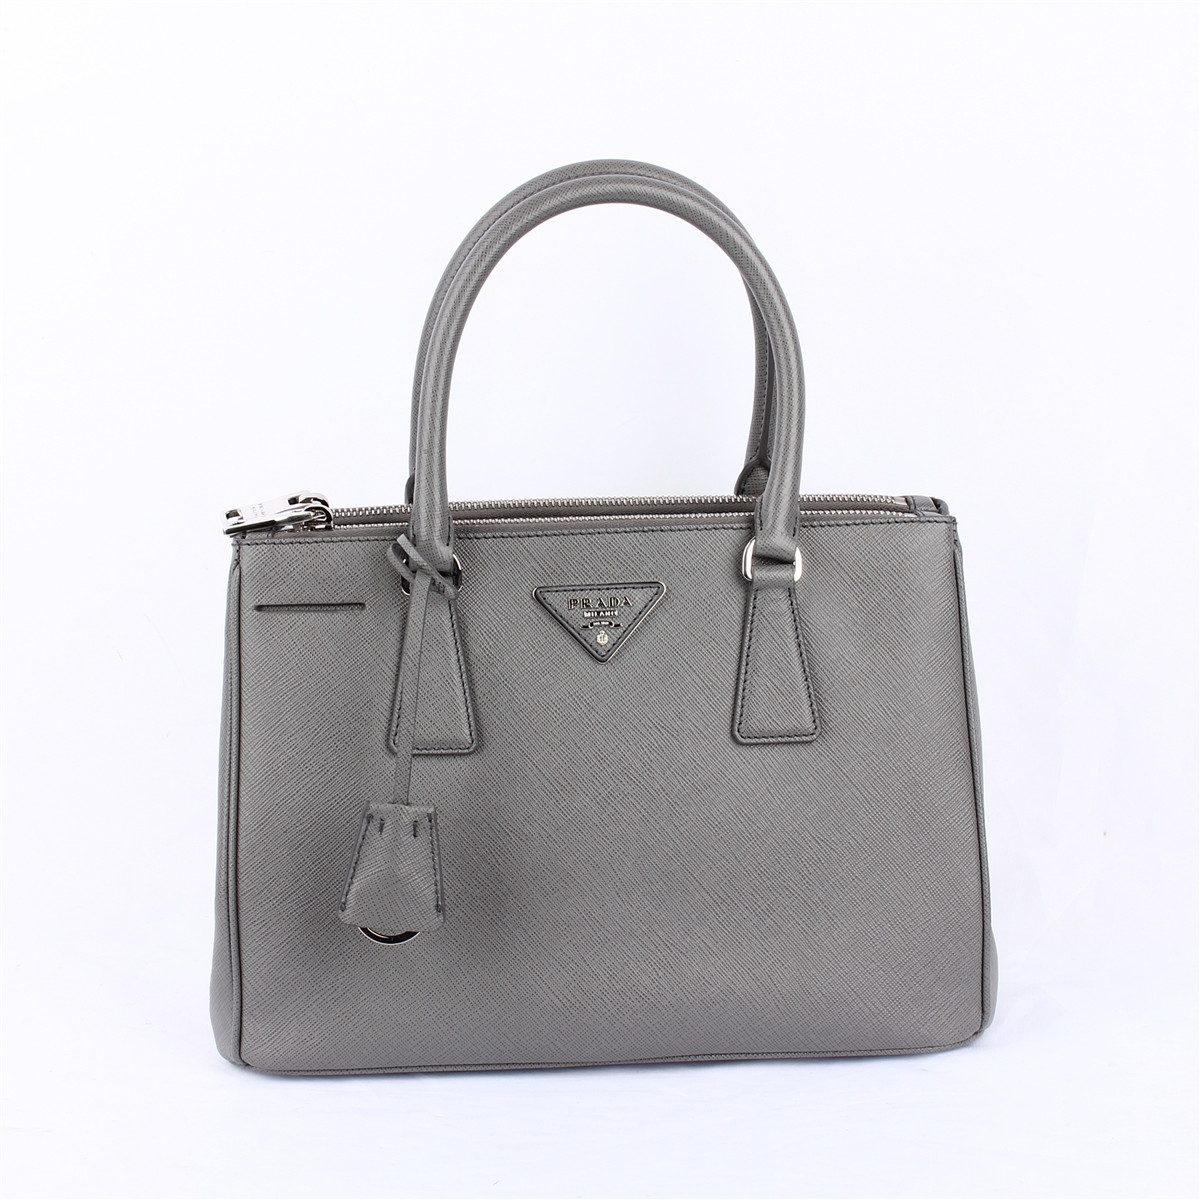 prada/普拉达 灰色牛皮手提包